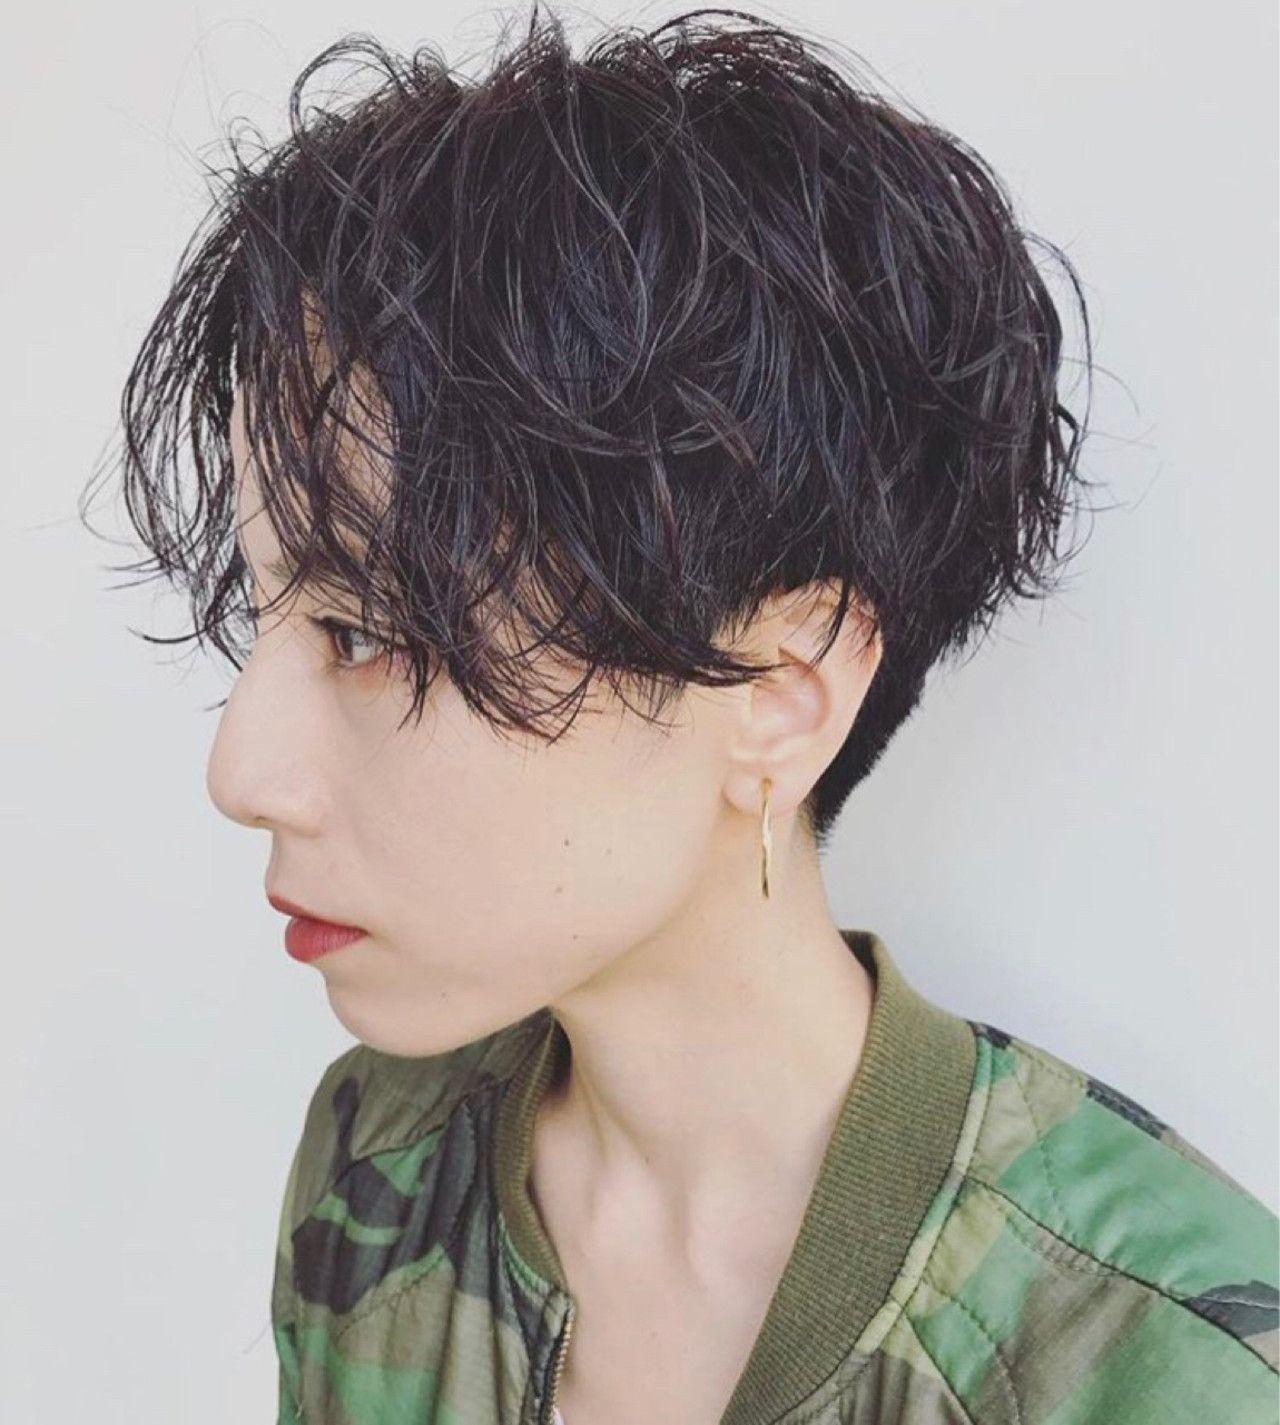 ベリーショートはカラーリングで差をつける こなれhair15選 Hair